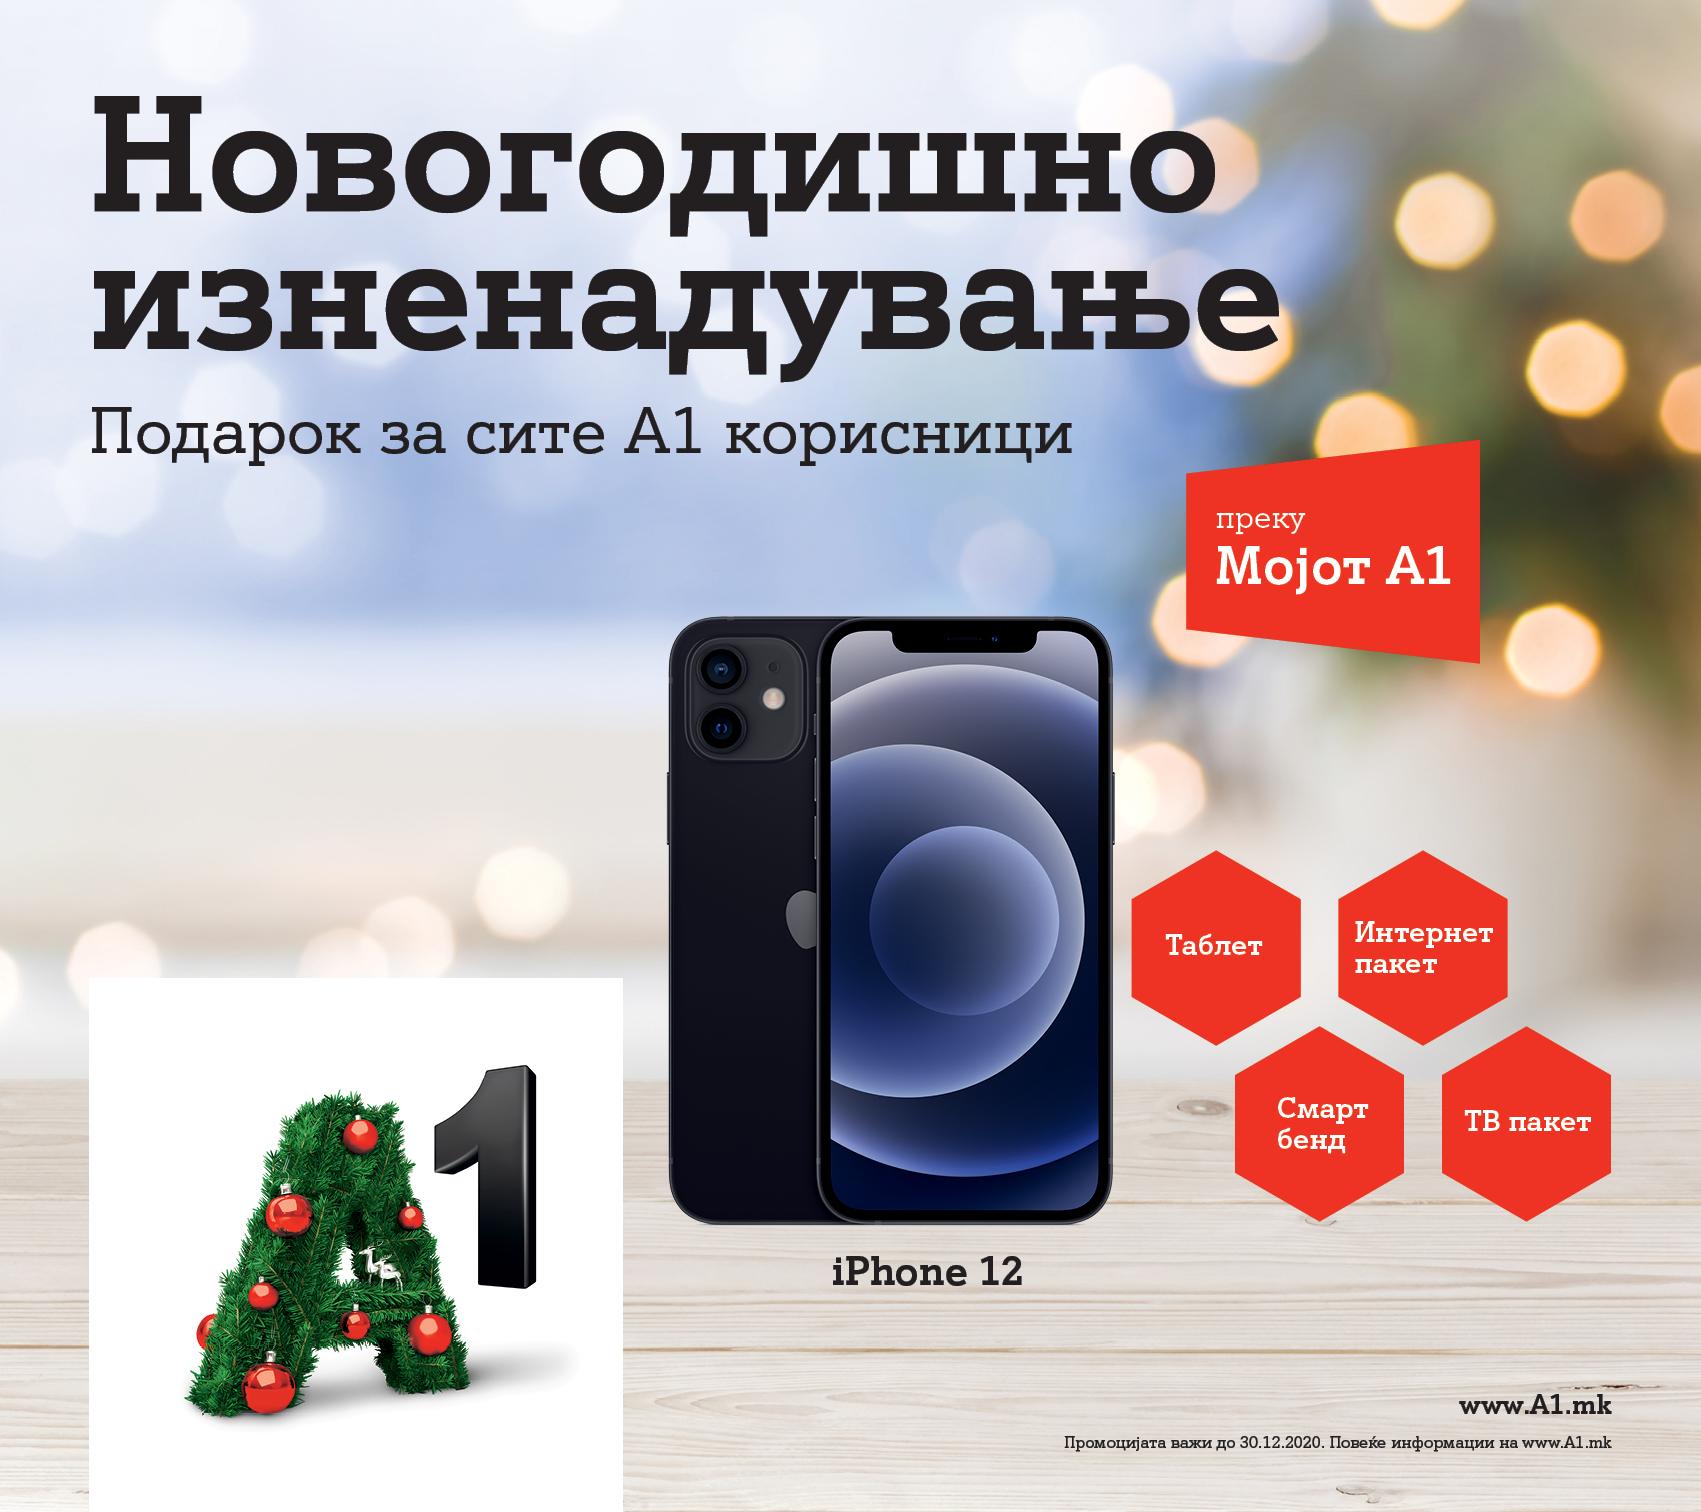 Продолжуваат новогодишните изненадувања од А1 Македонија